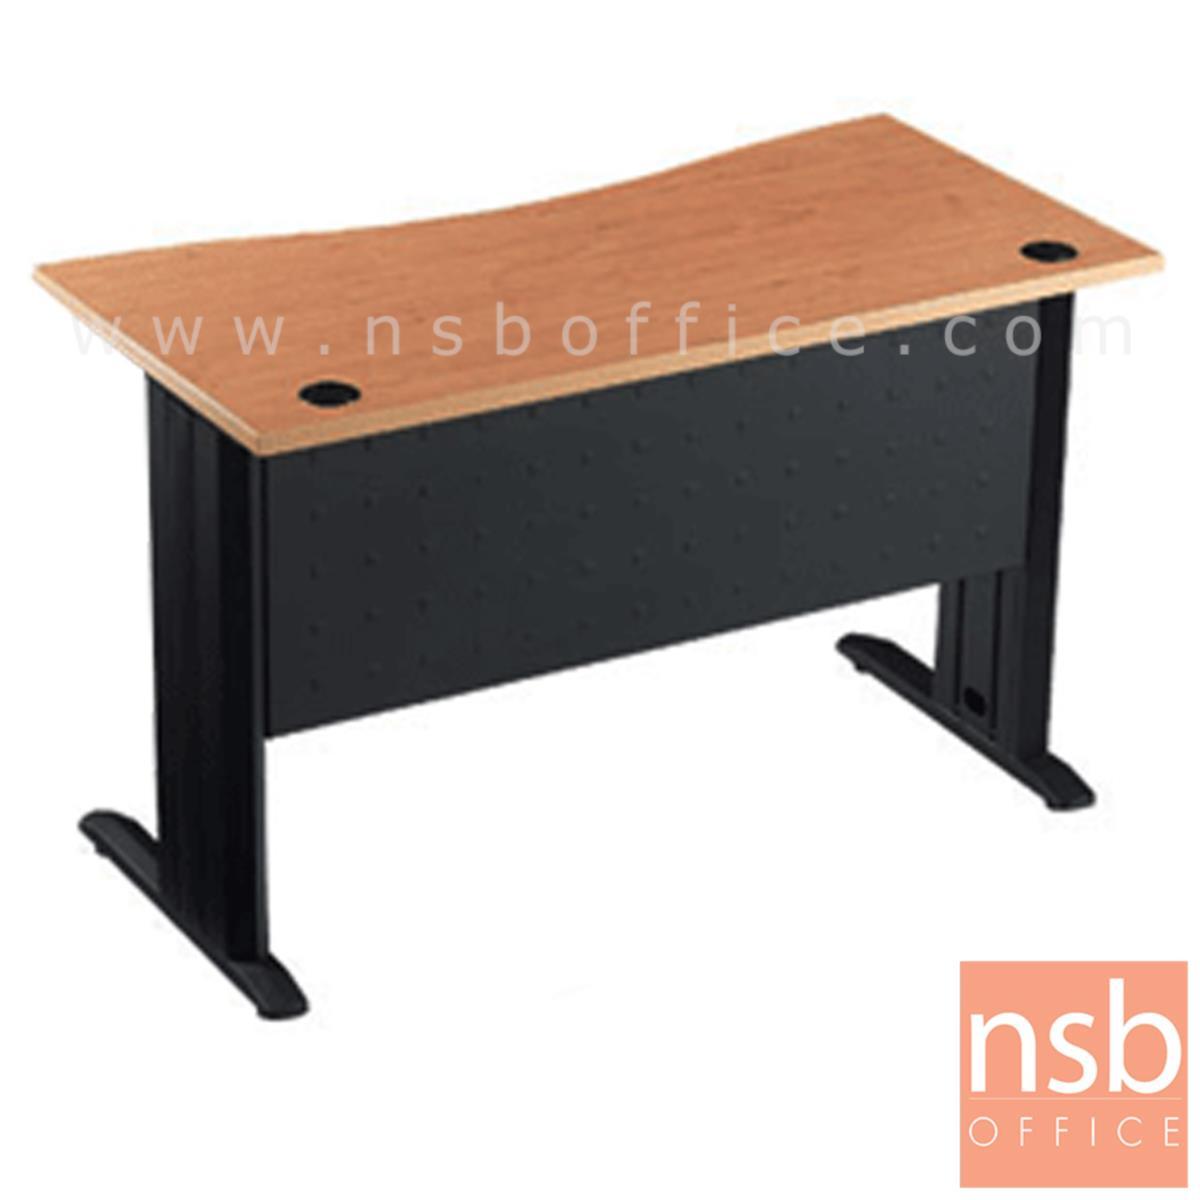 โต๊ะทำงานหน้าโค้งเว้า ขนาด 120W*75H cm. บังโป้เหล็ก รุ่น S-DK-0621  ขาเหล็กตัวแอลสีดำ